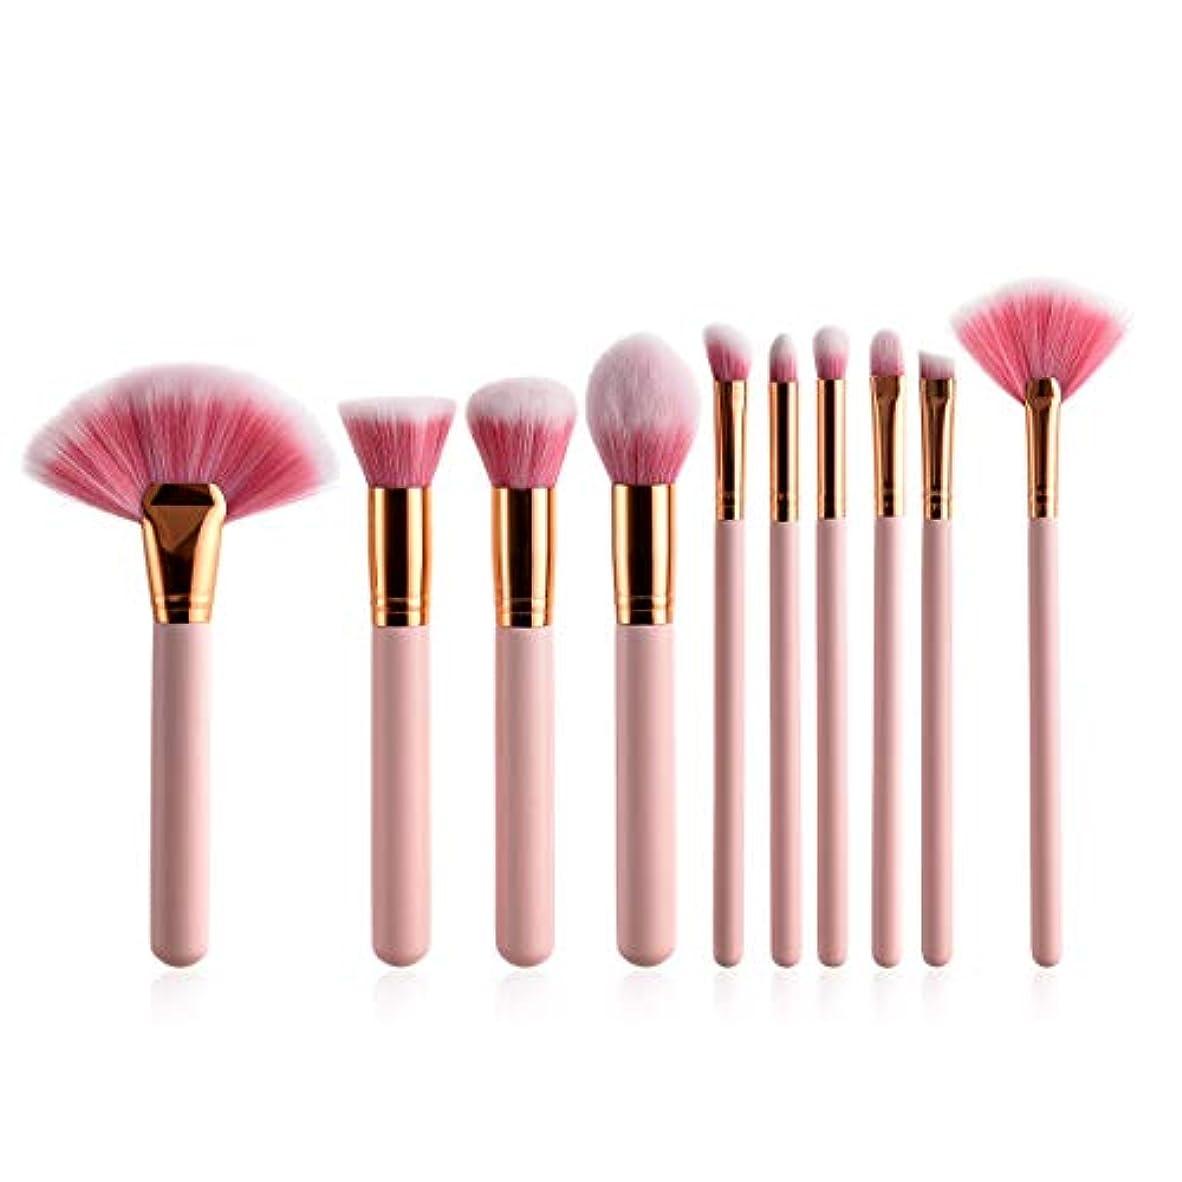 のり繊細勇気CHANGYUXINTAI-HUAZHUANGSHUA 10化粧ブラシ、粉末ベース、パウダー、アイシャドウ、ブラシ、高光沢ブラシ。 (Color : Pink)